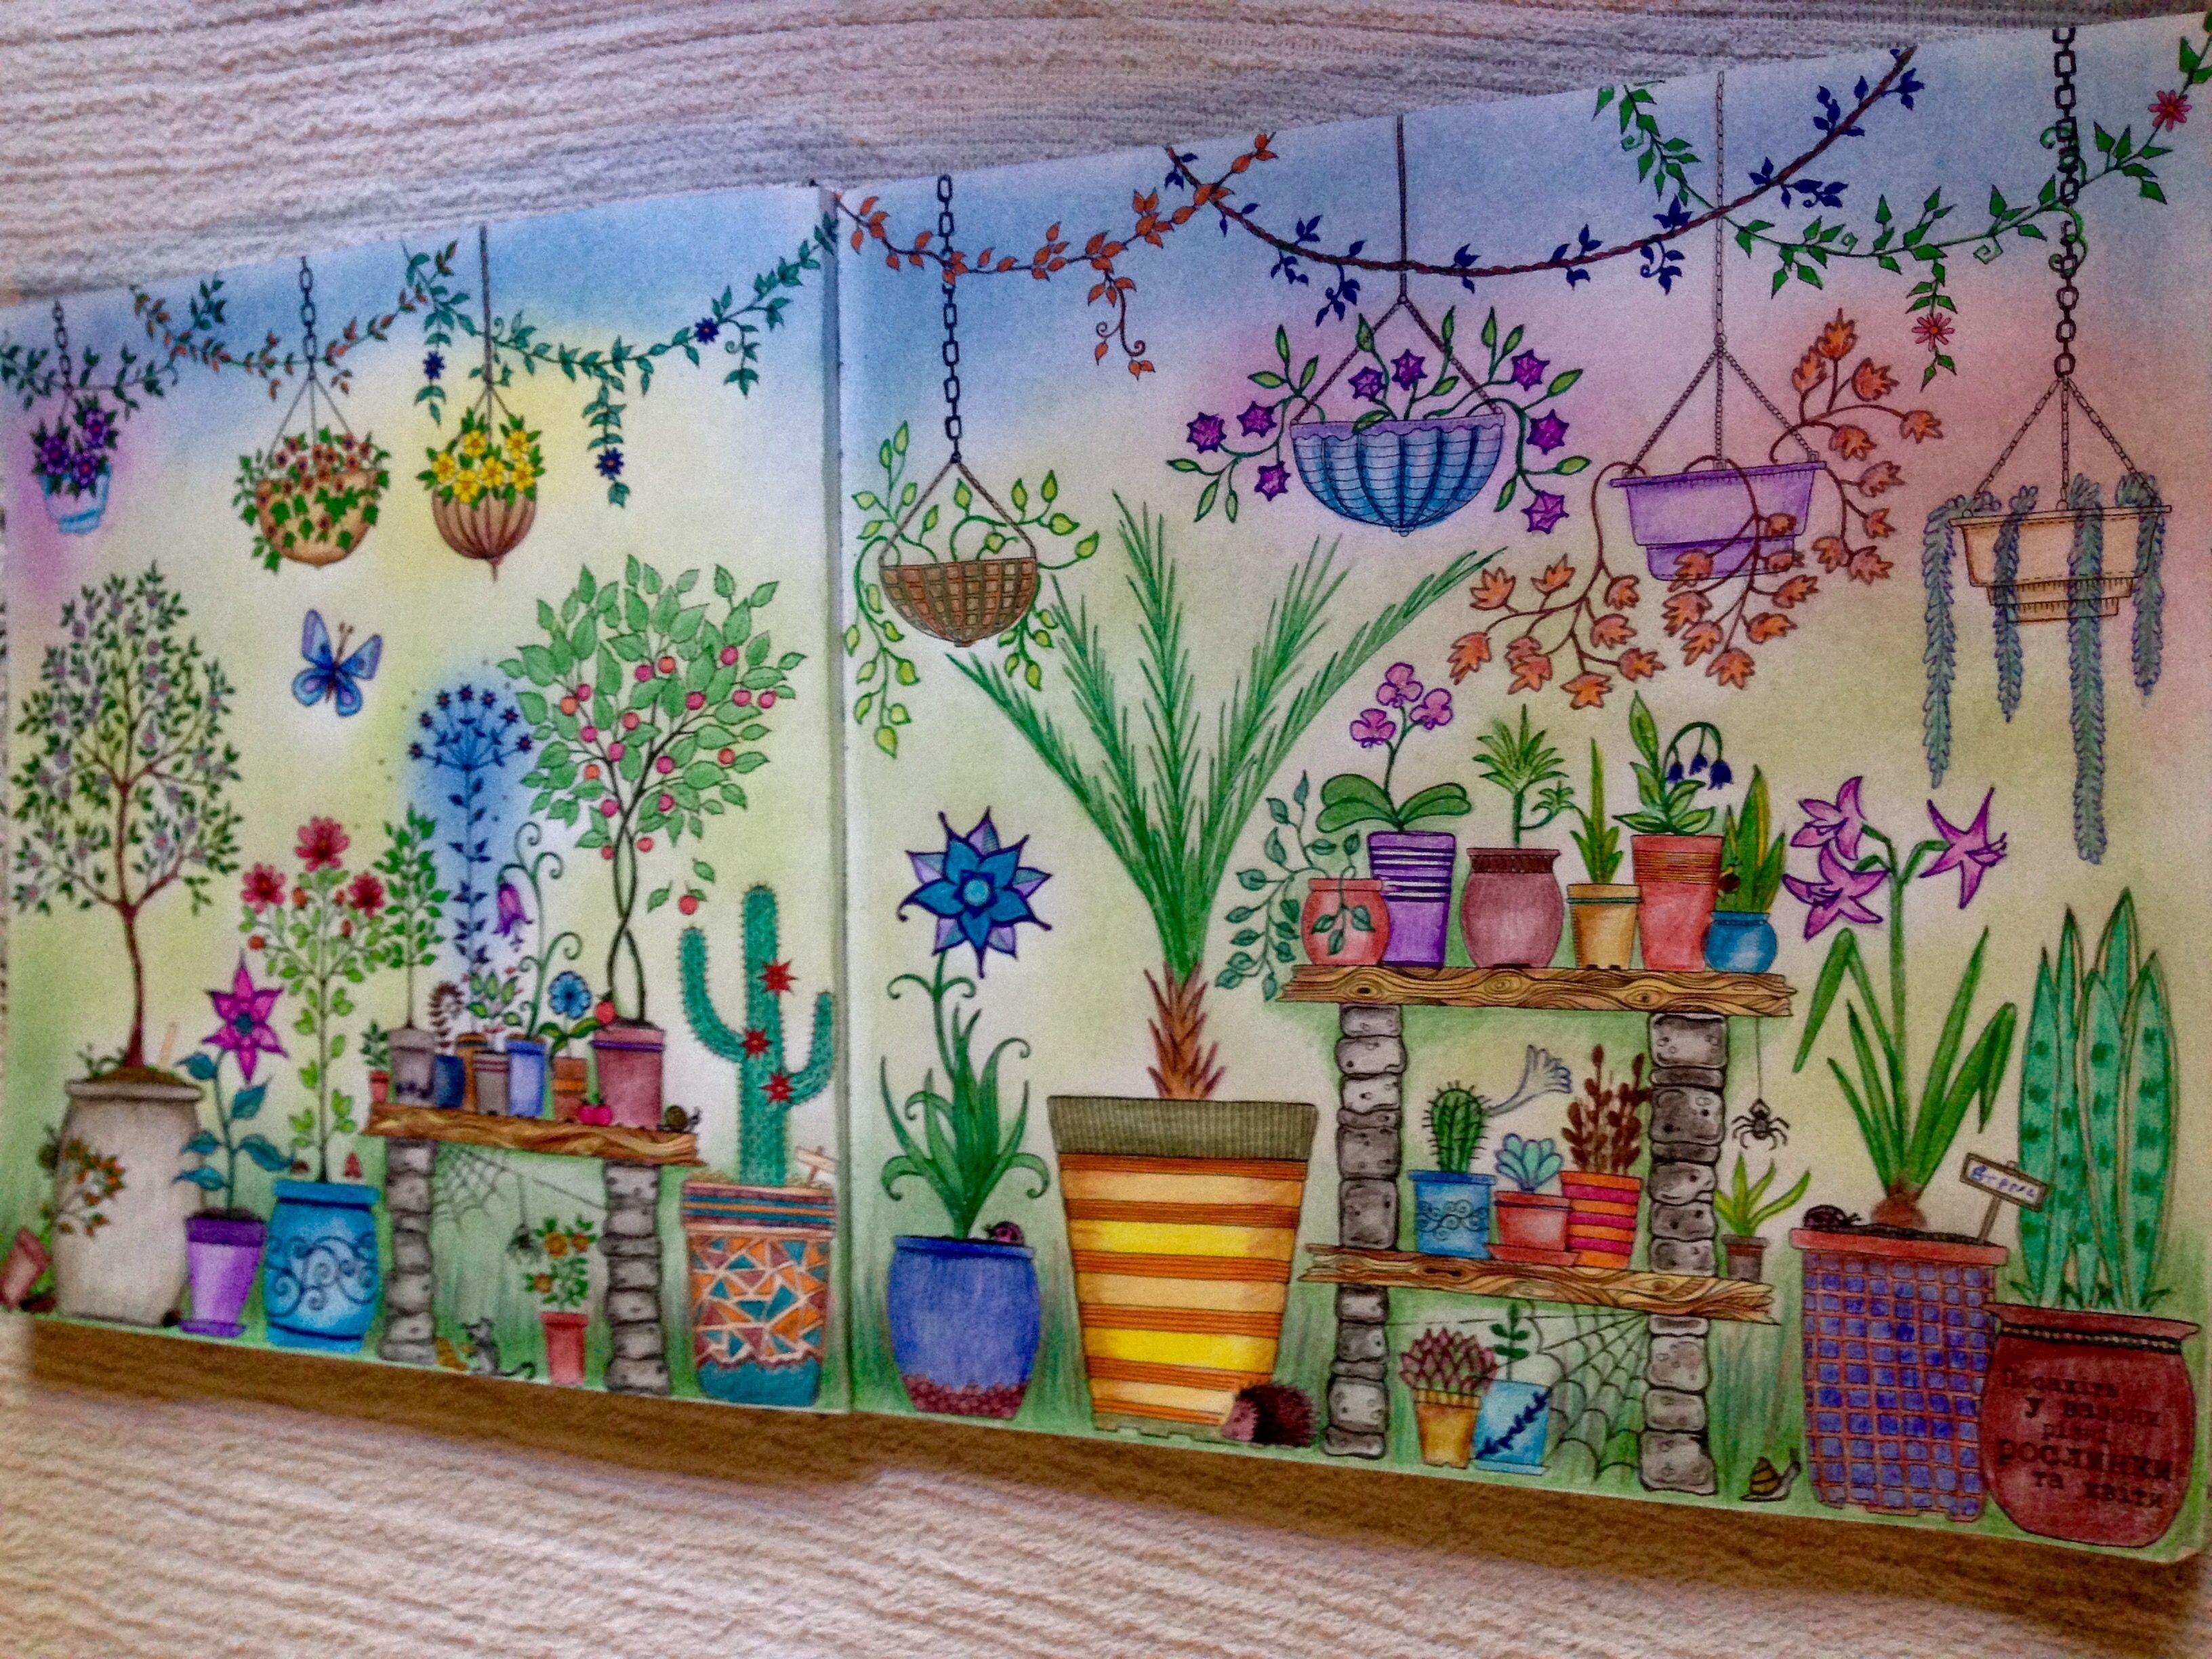 Coloring Book Secret Garden Johanna Basford Secret Garden Coloring Book Coloring Book Art Johanna Basford Secret Garden